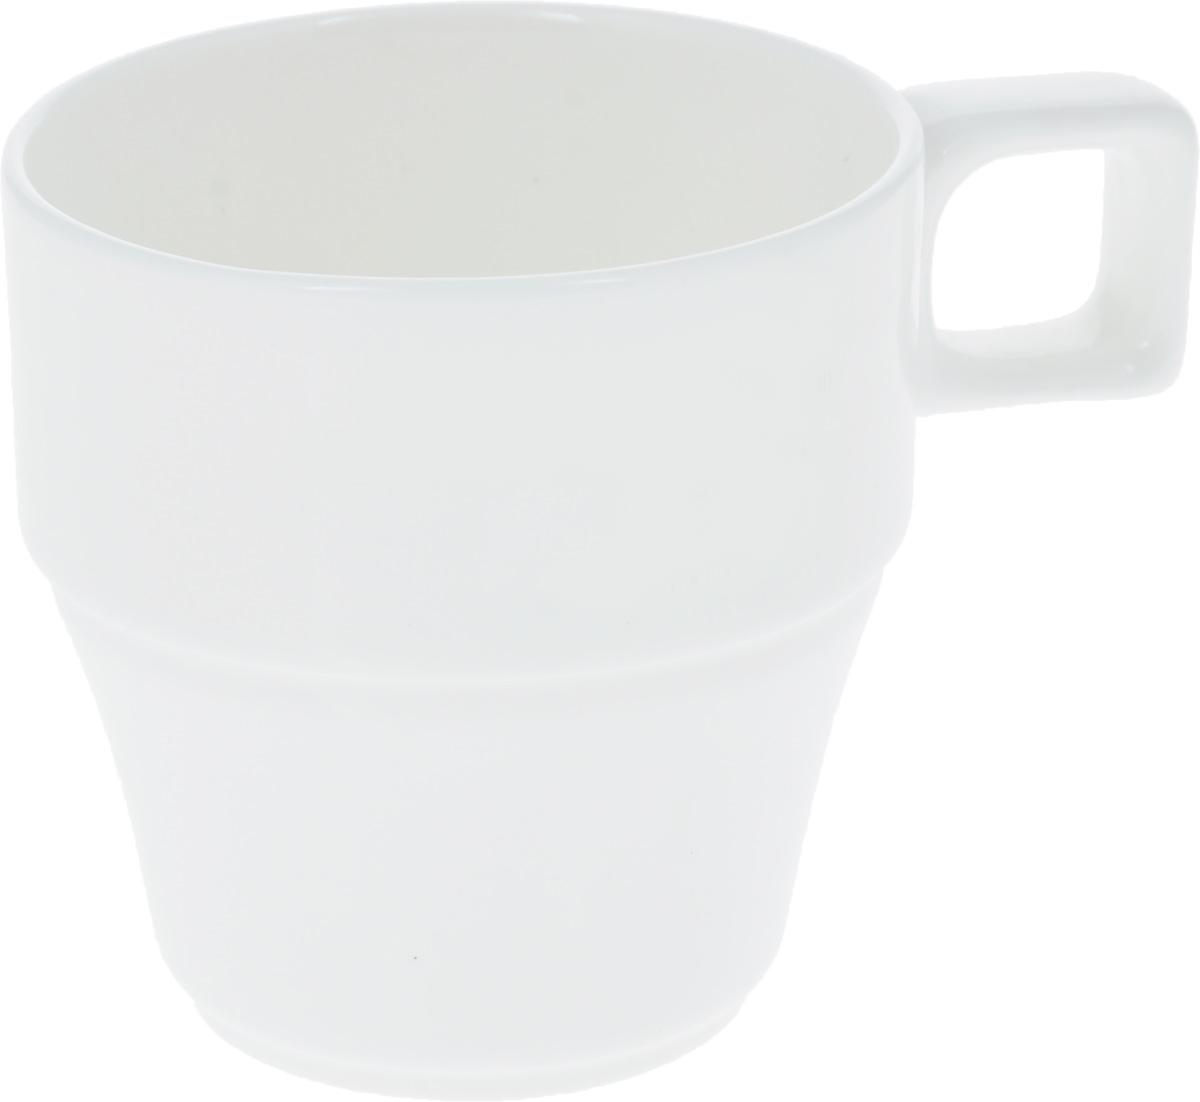 Кружка Wilmax, 250 мл. WL-993050391602Штабелируемая кружка Wilmax выполнена из высококачественного фарфора. Изделие впишется в любой интерьер современной кухни, а также станет отличным дополнением к сервировке праздничного или обеденного стола. Диаметр кружки (по верхнему краю): 8 см.